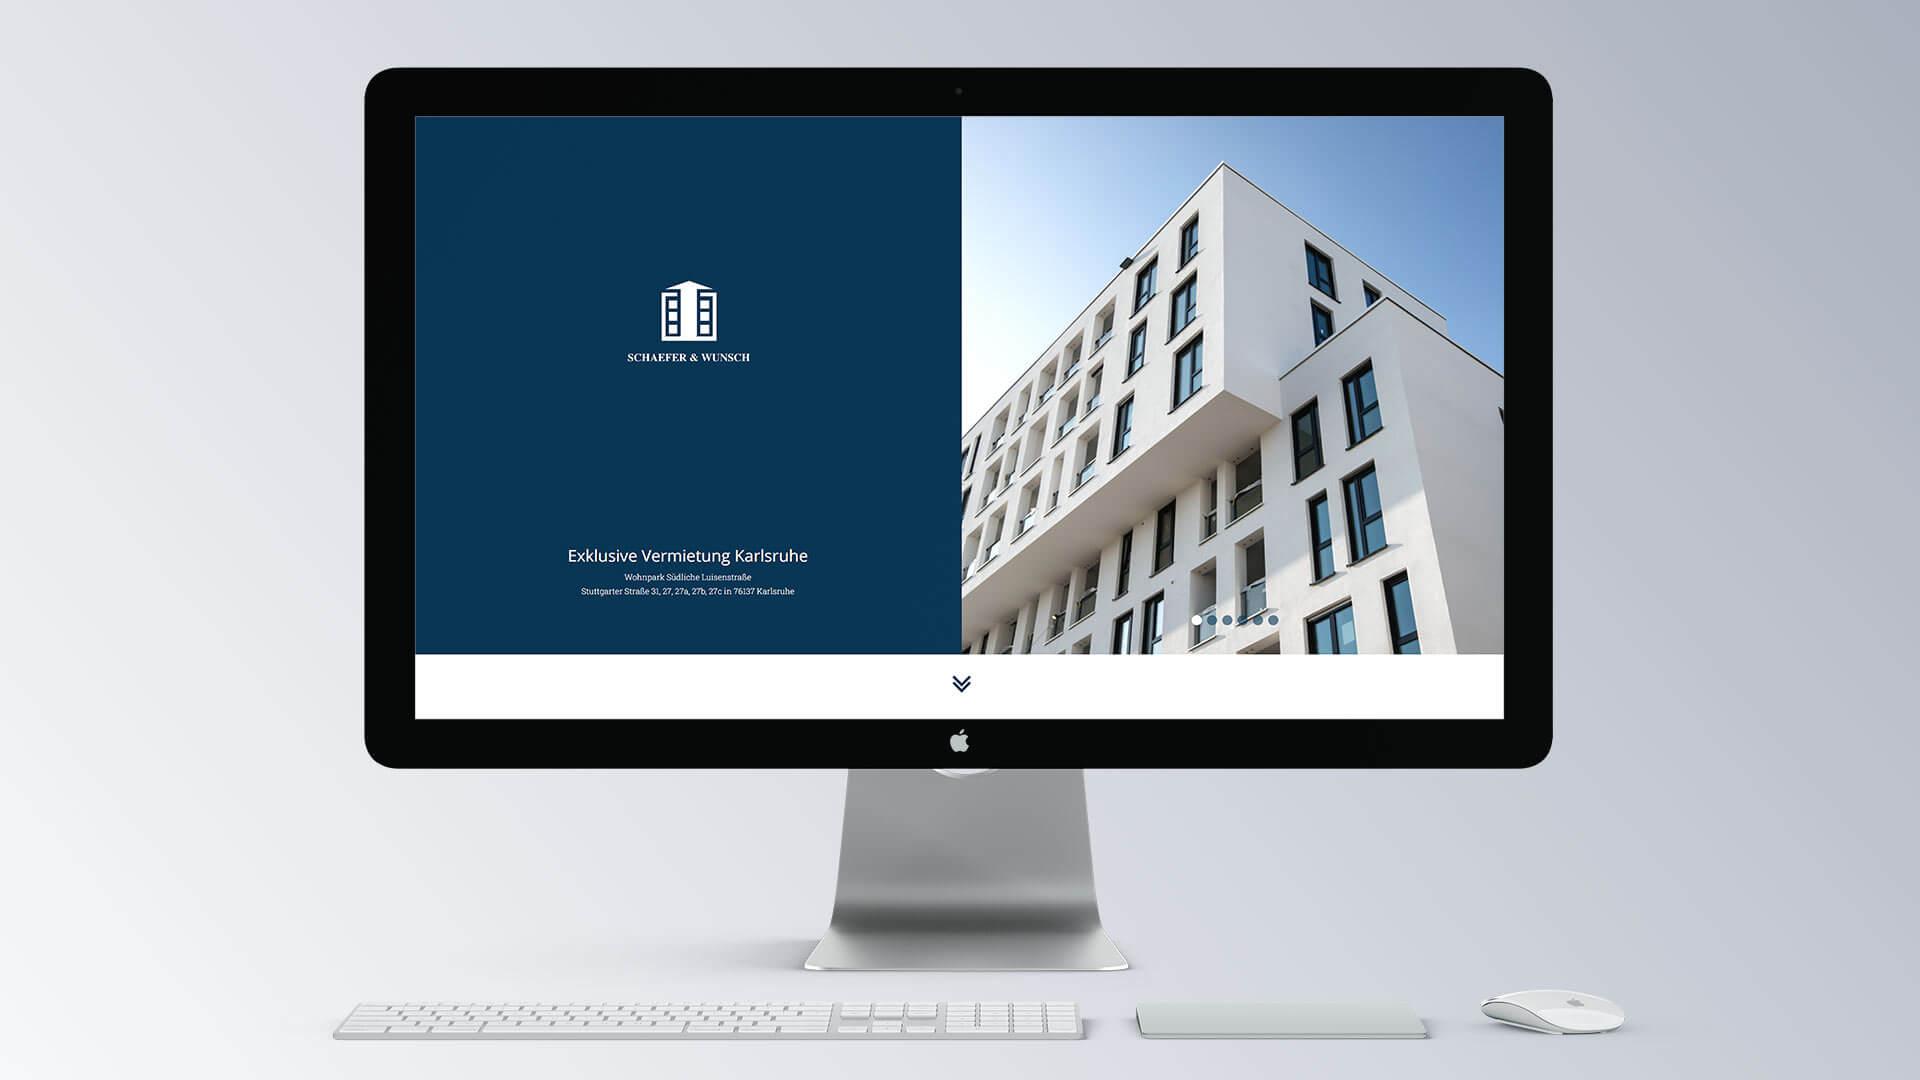 Schäfer & Wunsch Immobilien Internetseite